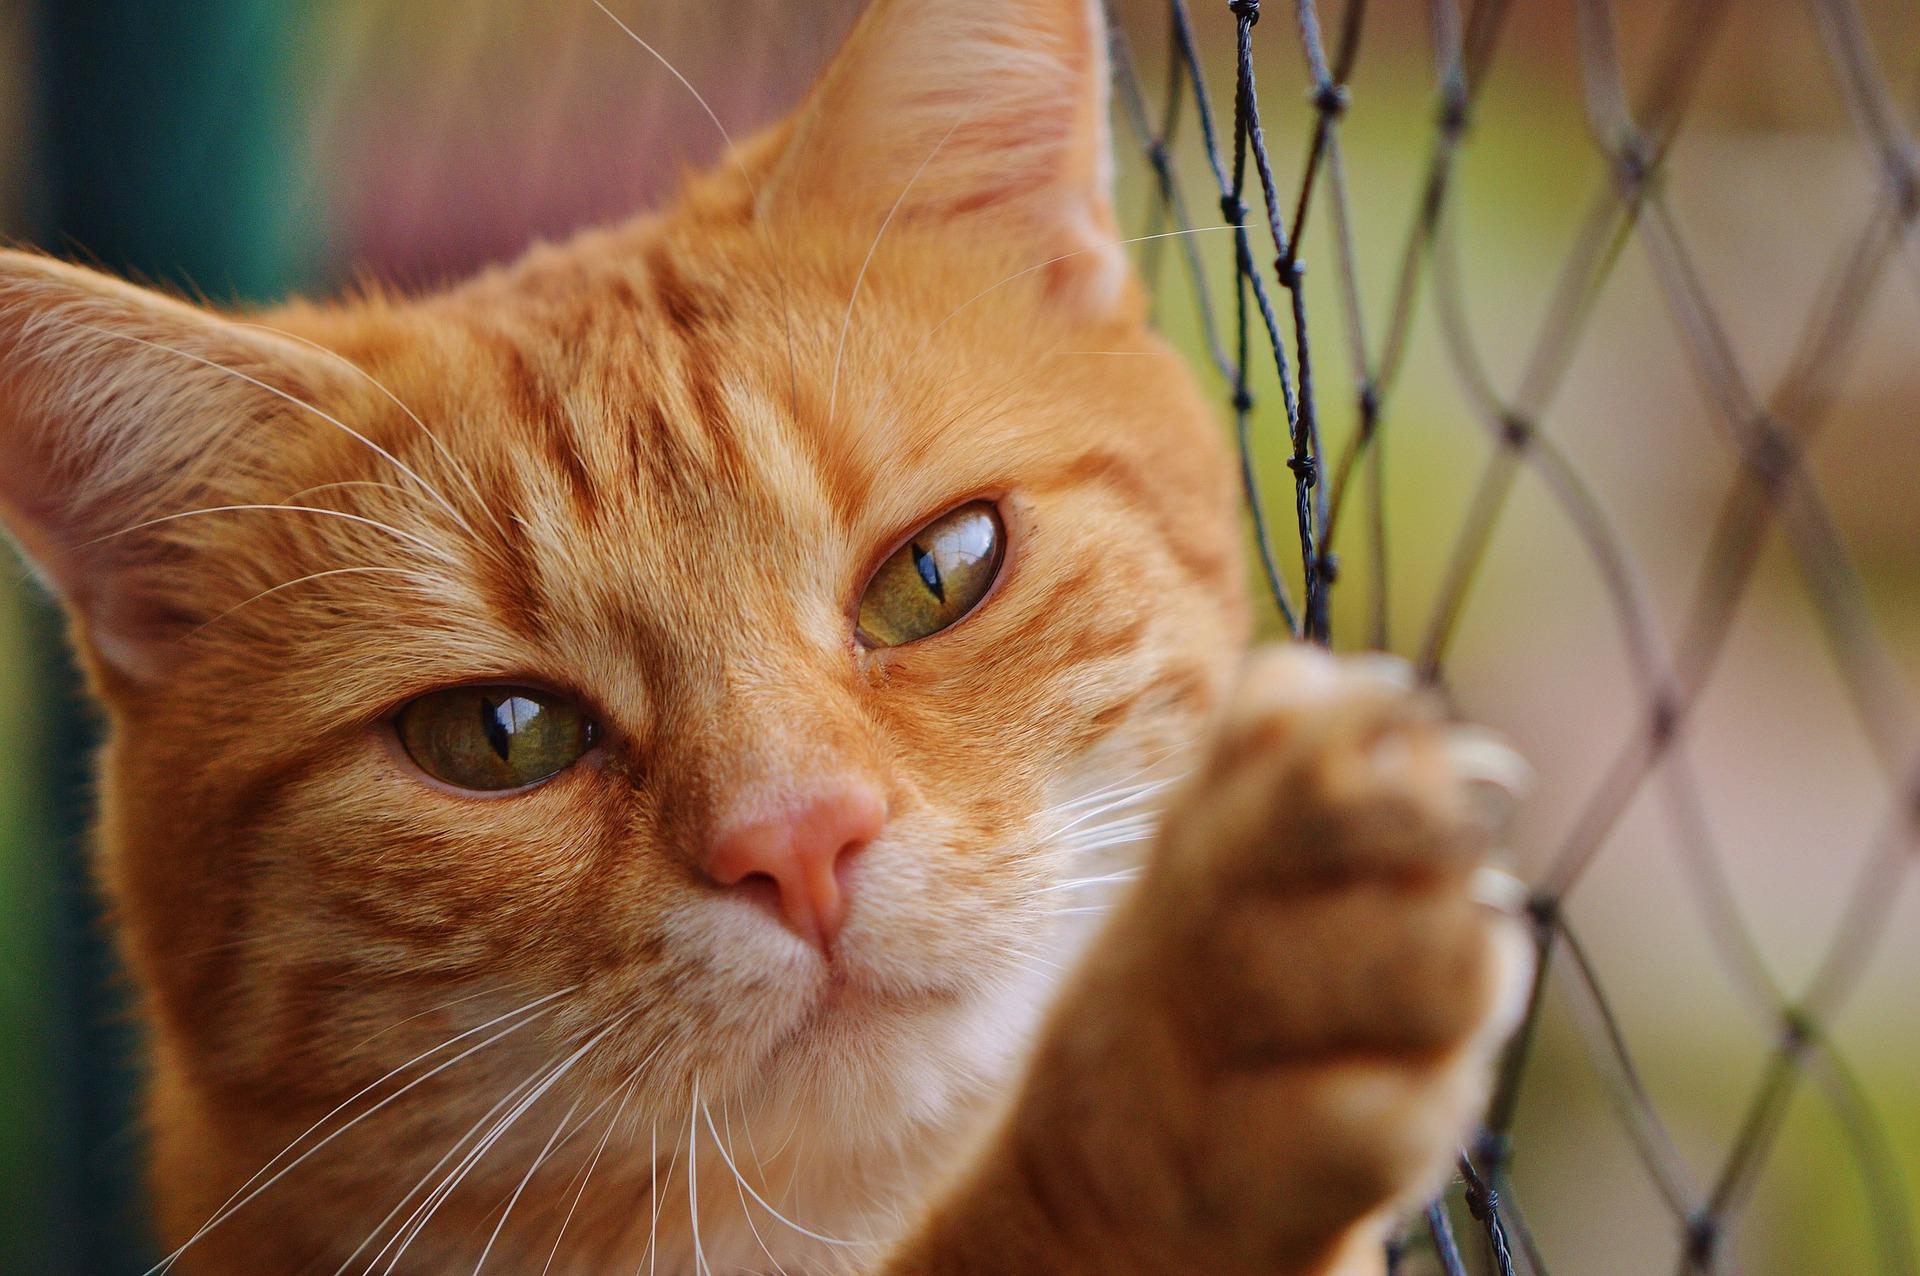 download Wallpaper: kat bij een hek wallpaper